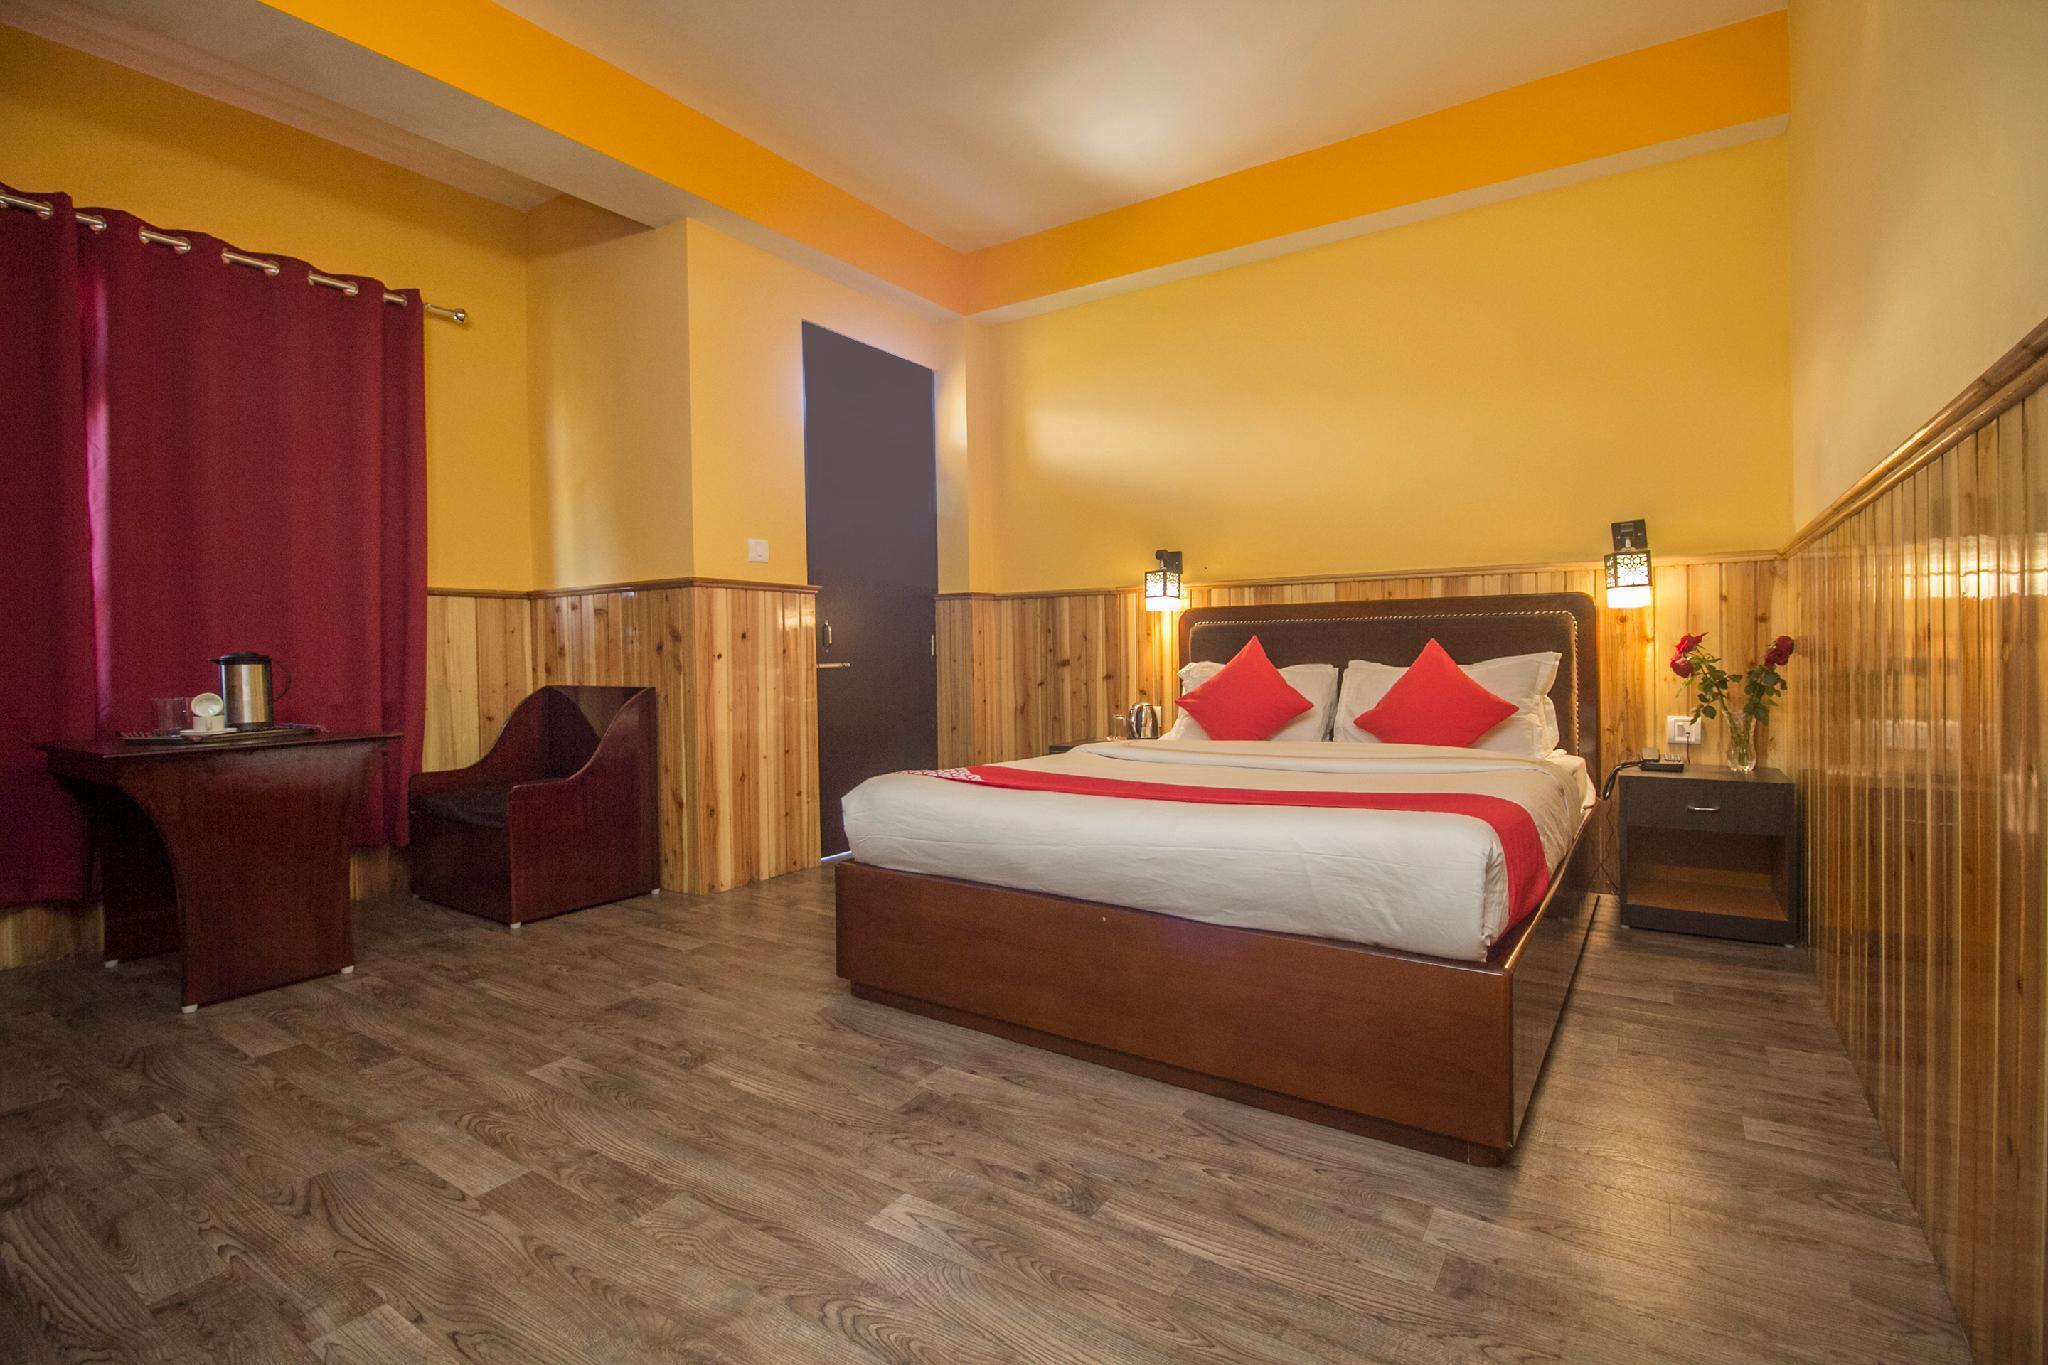 OYO 40809 Hotel Yardho